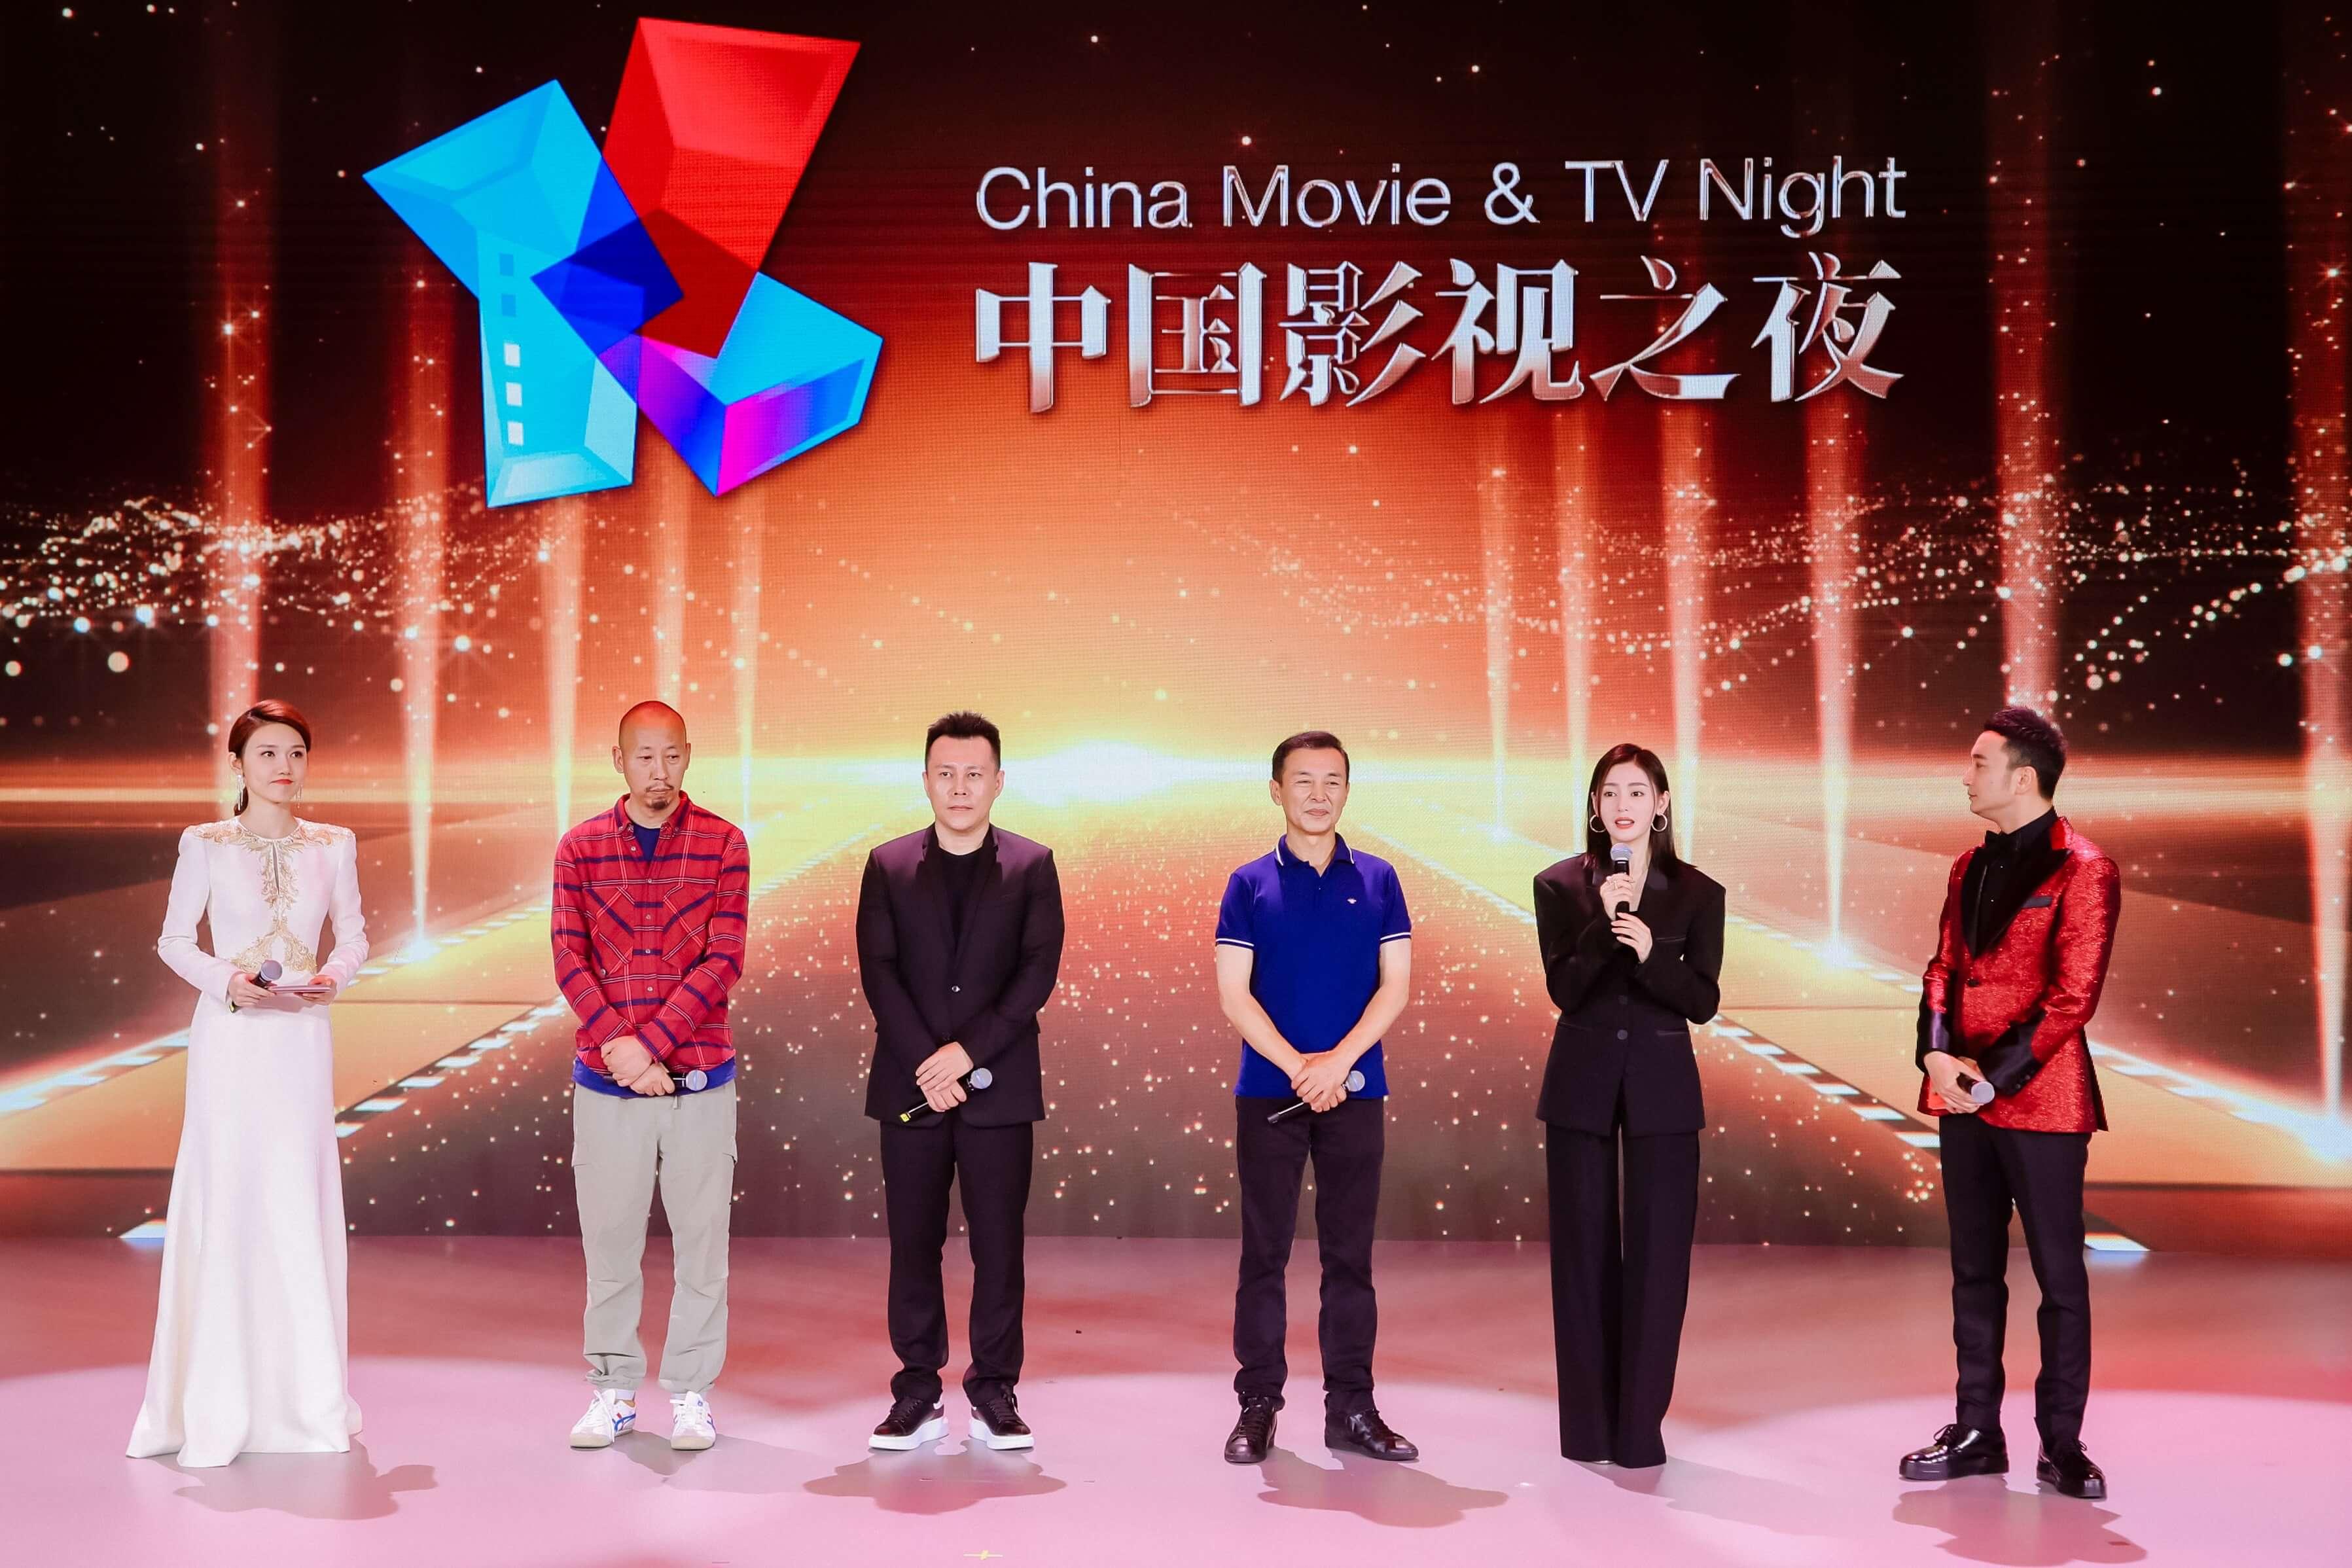 """礼赞百年华章 共赴光影之约 上海国际电影节""""中国影视之夜""""成功"""